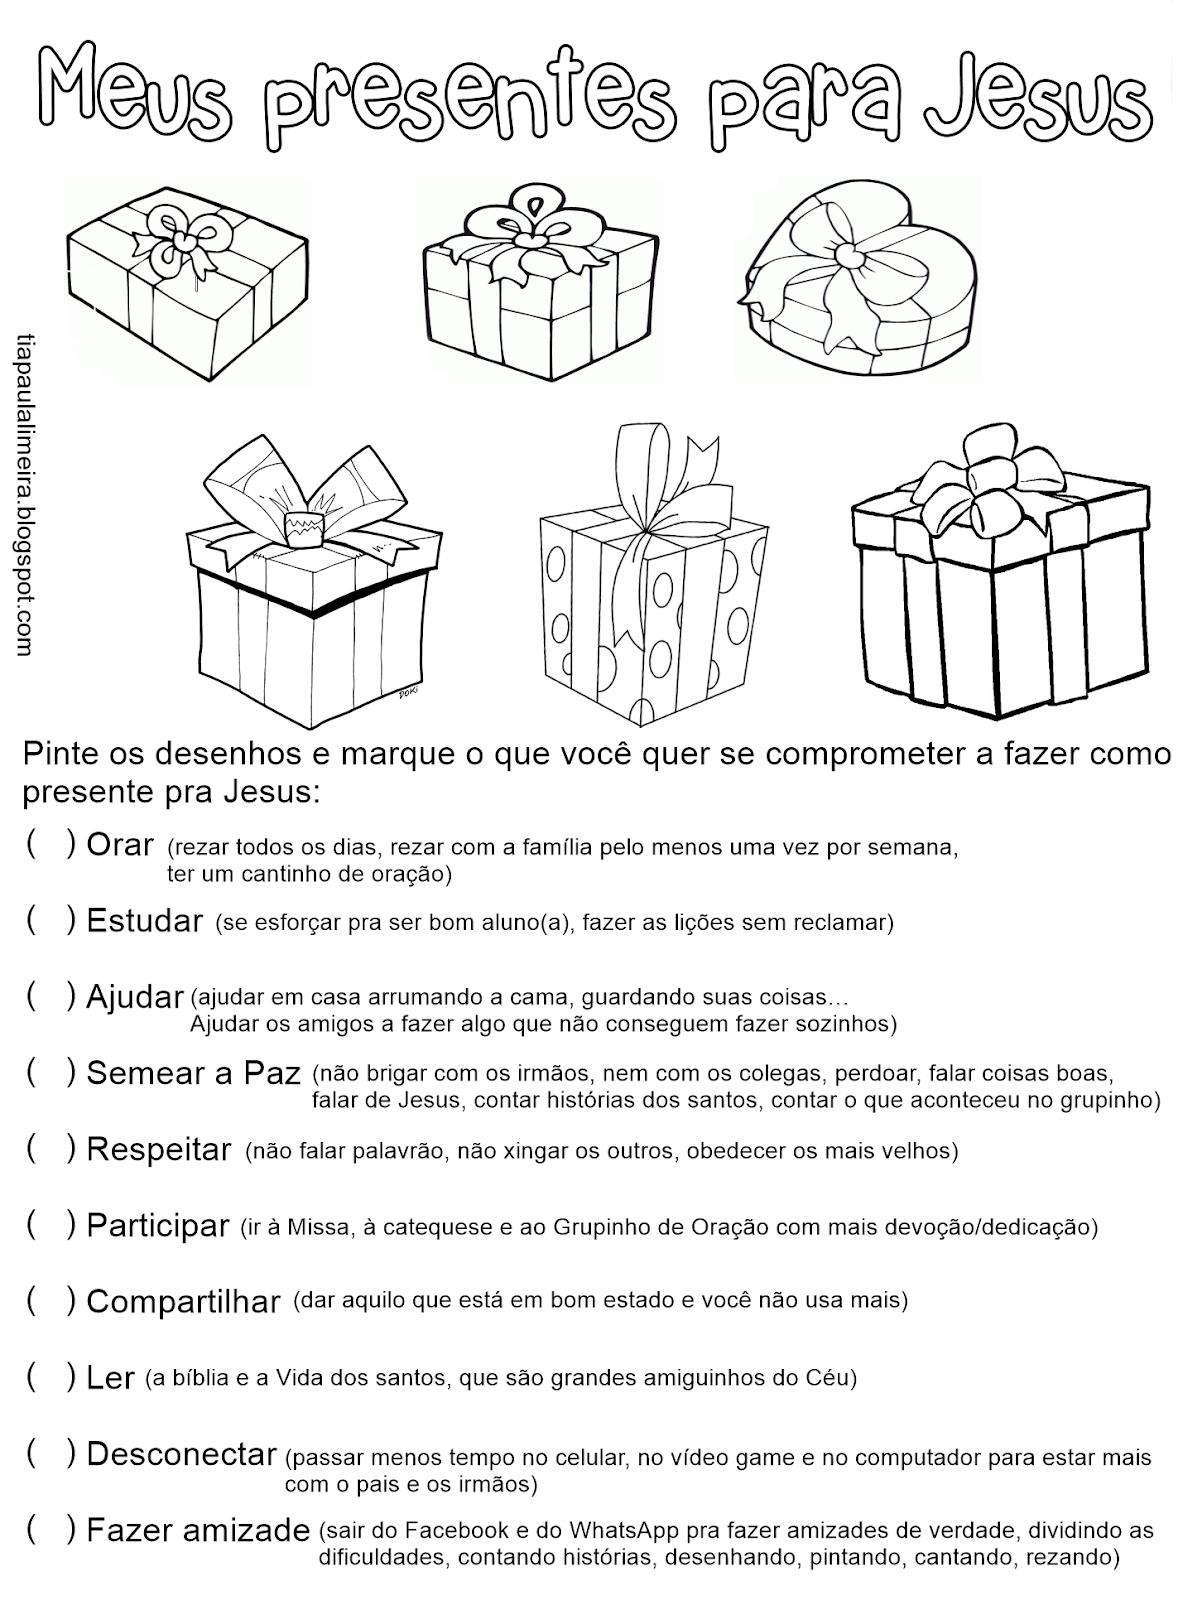 Presentes.png